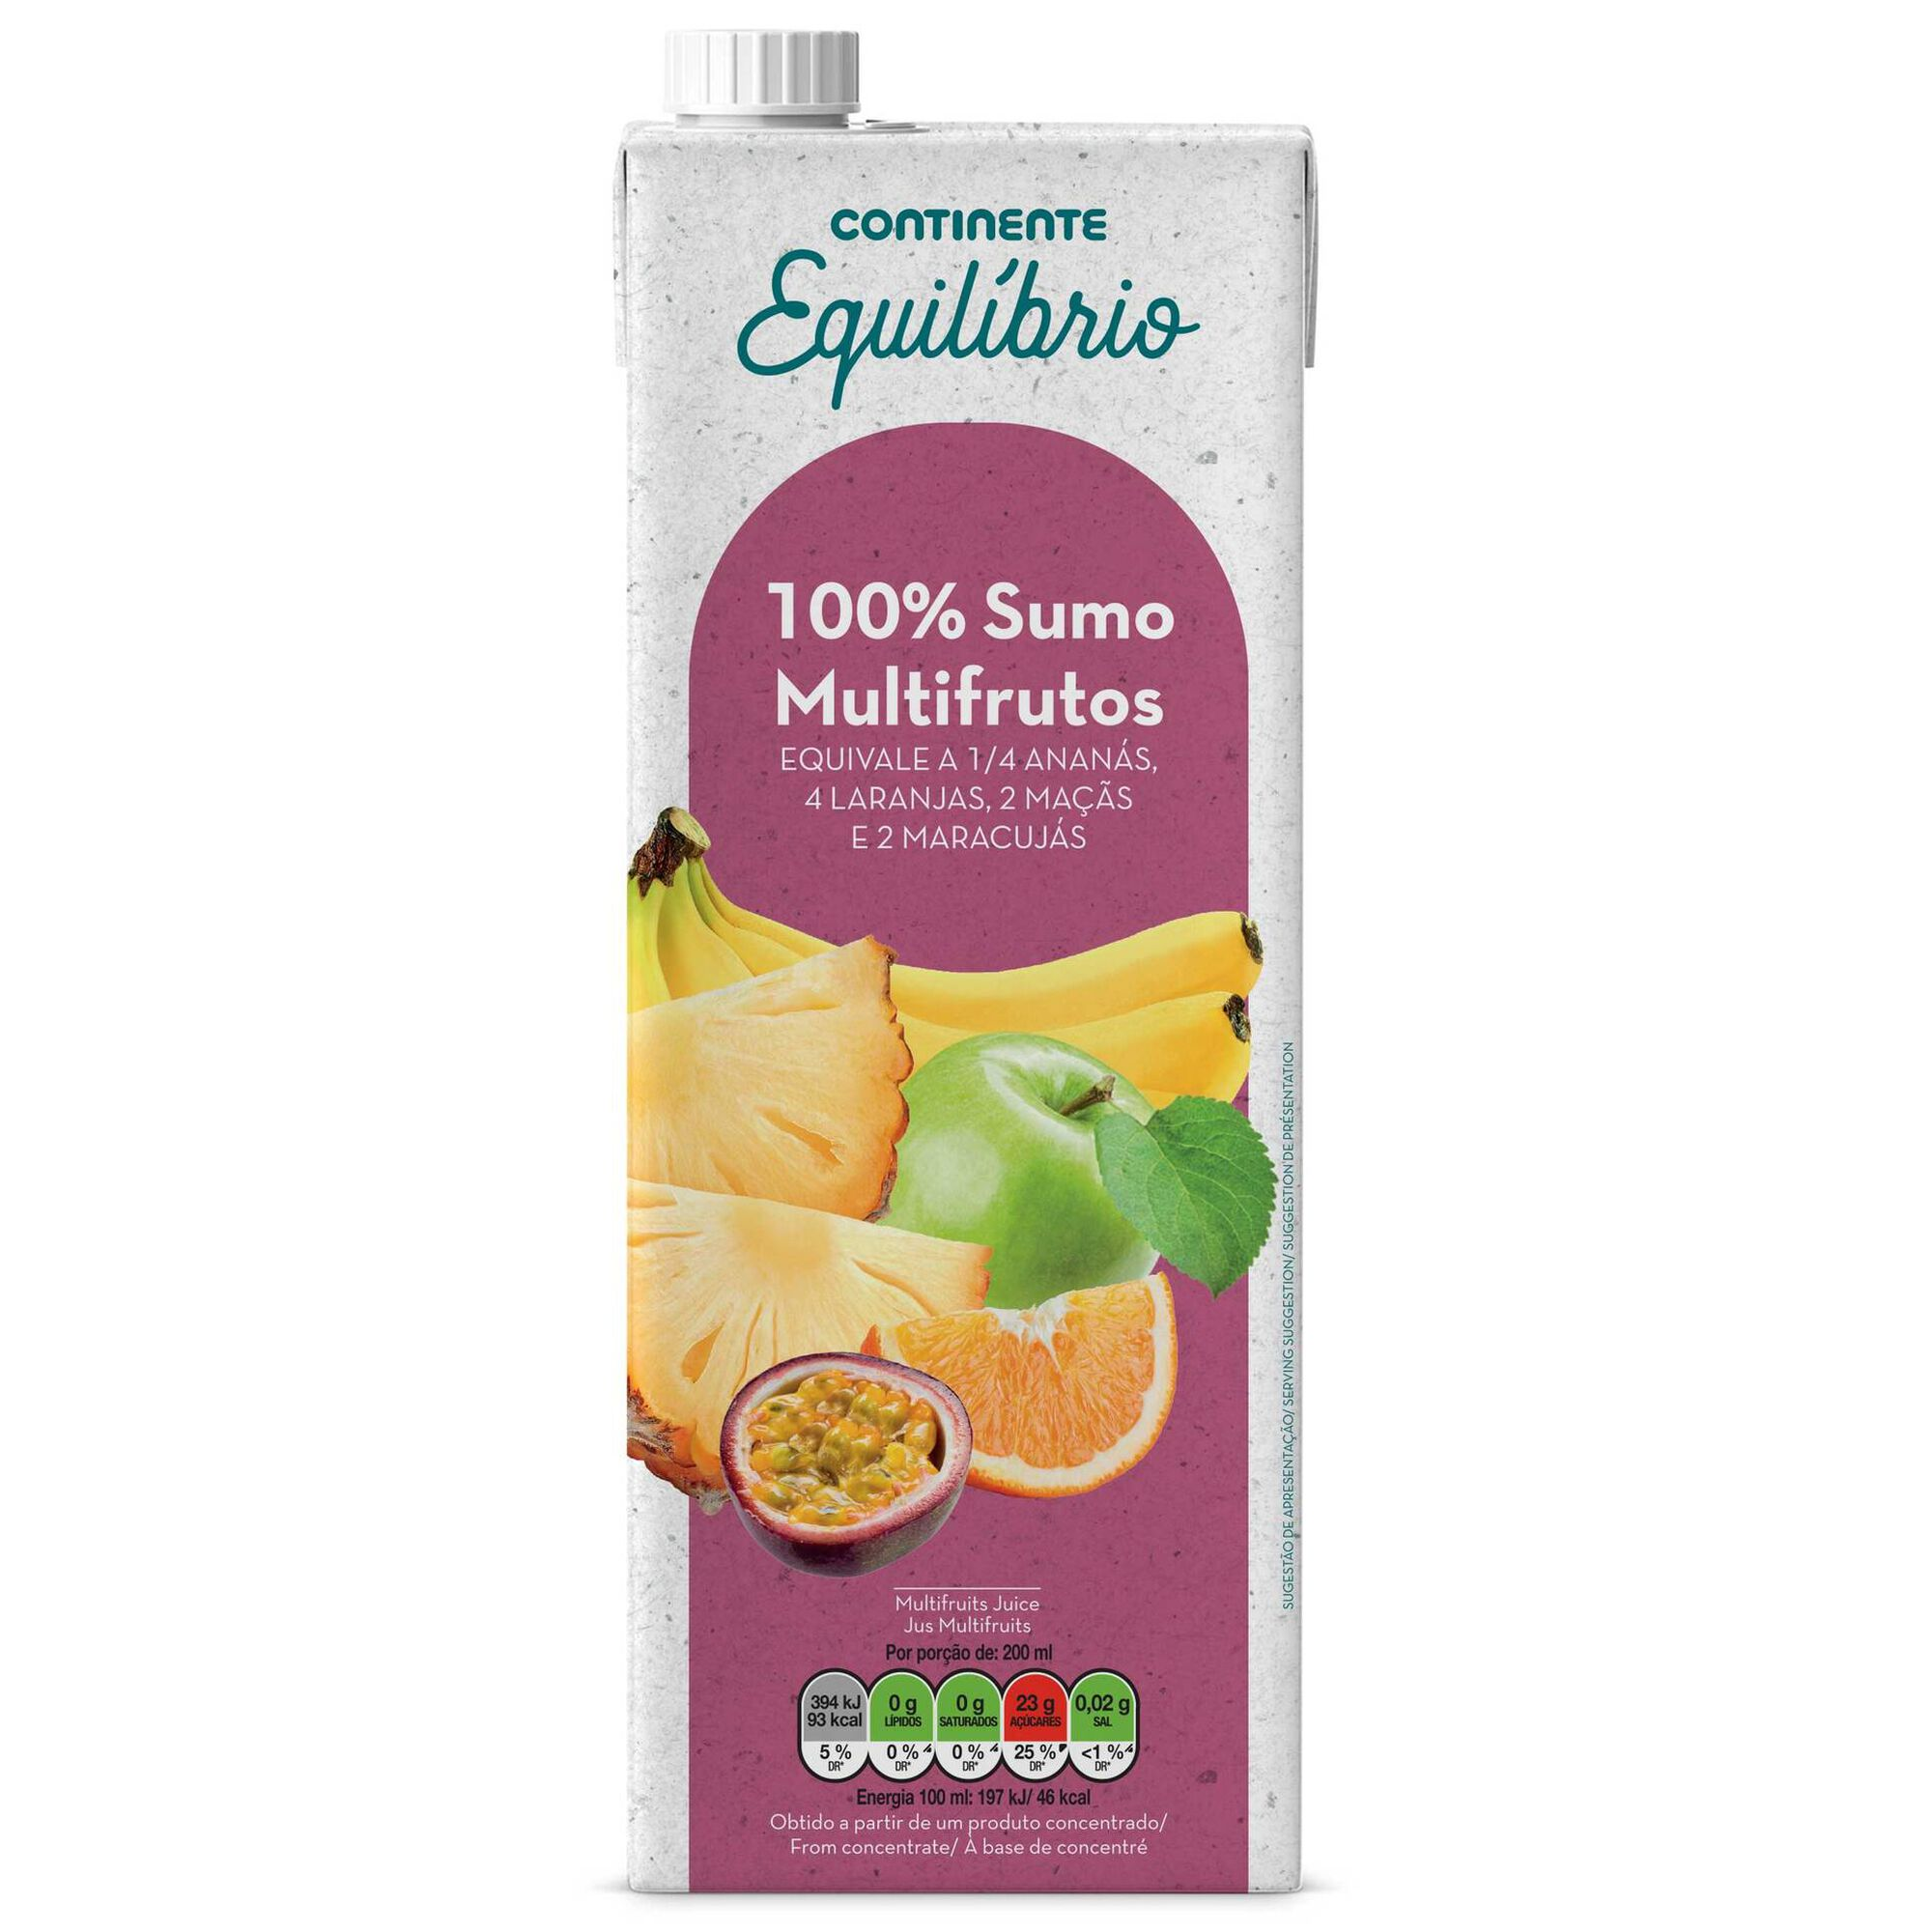 Sumo 100% Multifrutos